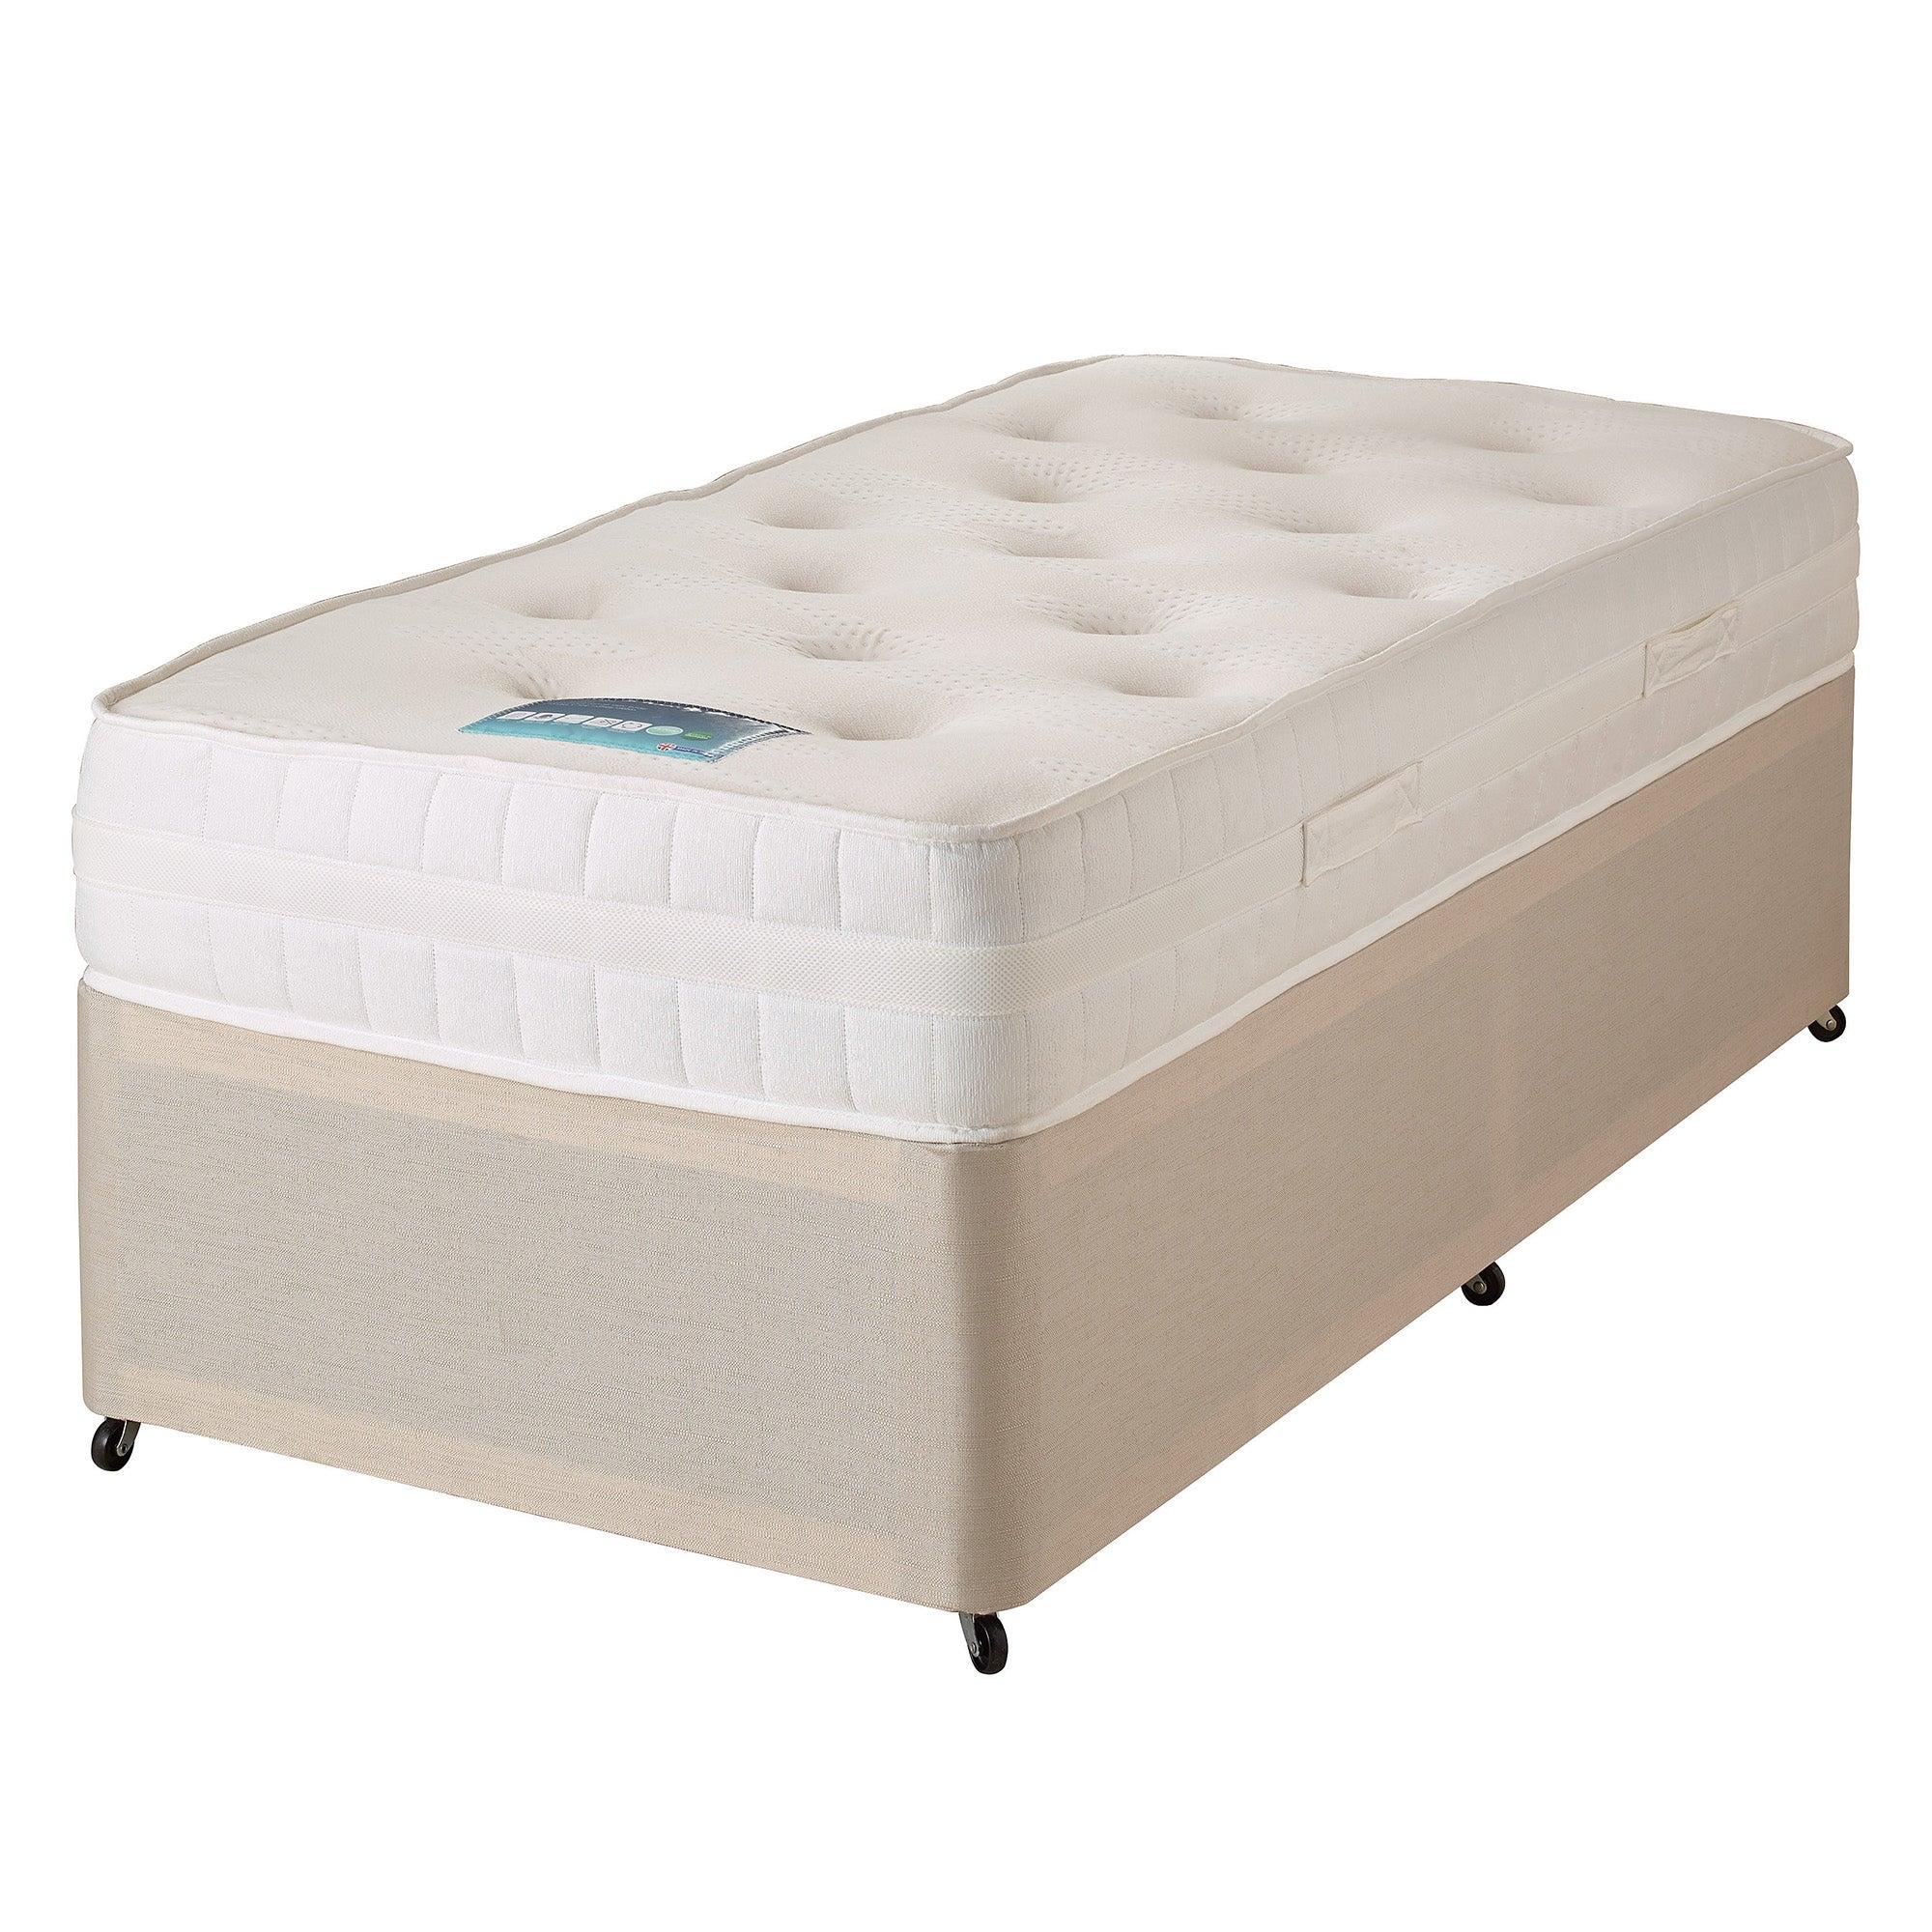 Balmoral memory mattress and divan collection dunelm for Divan bed no mattress